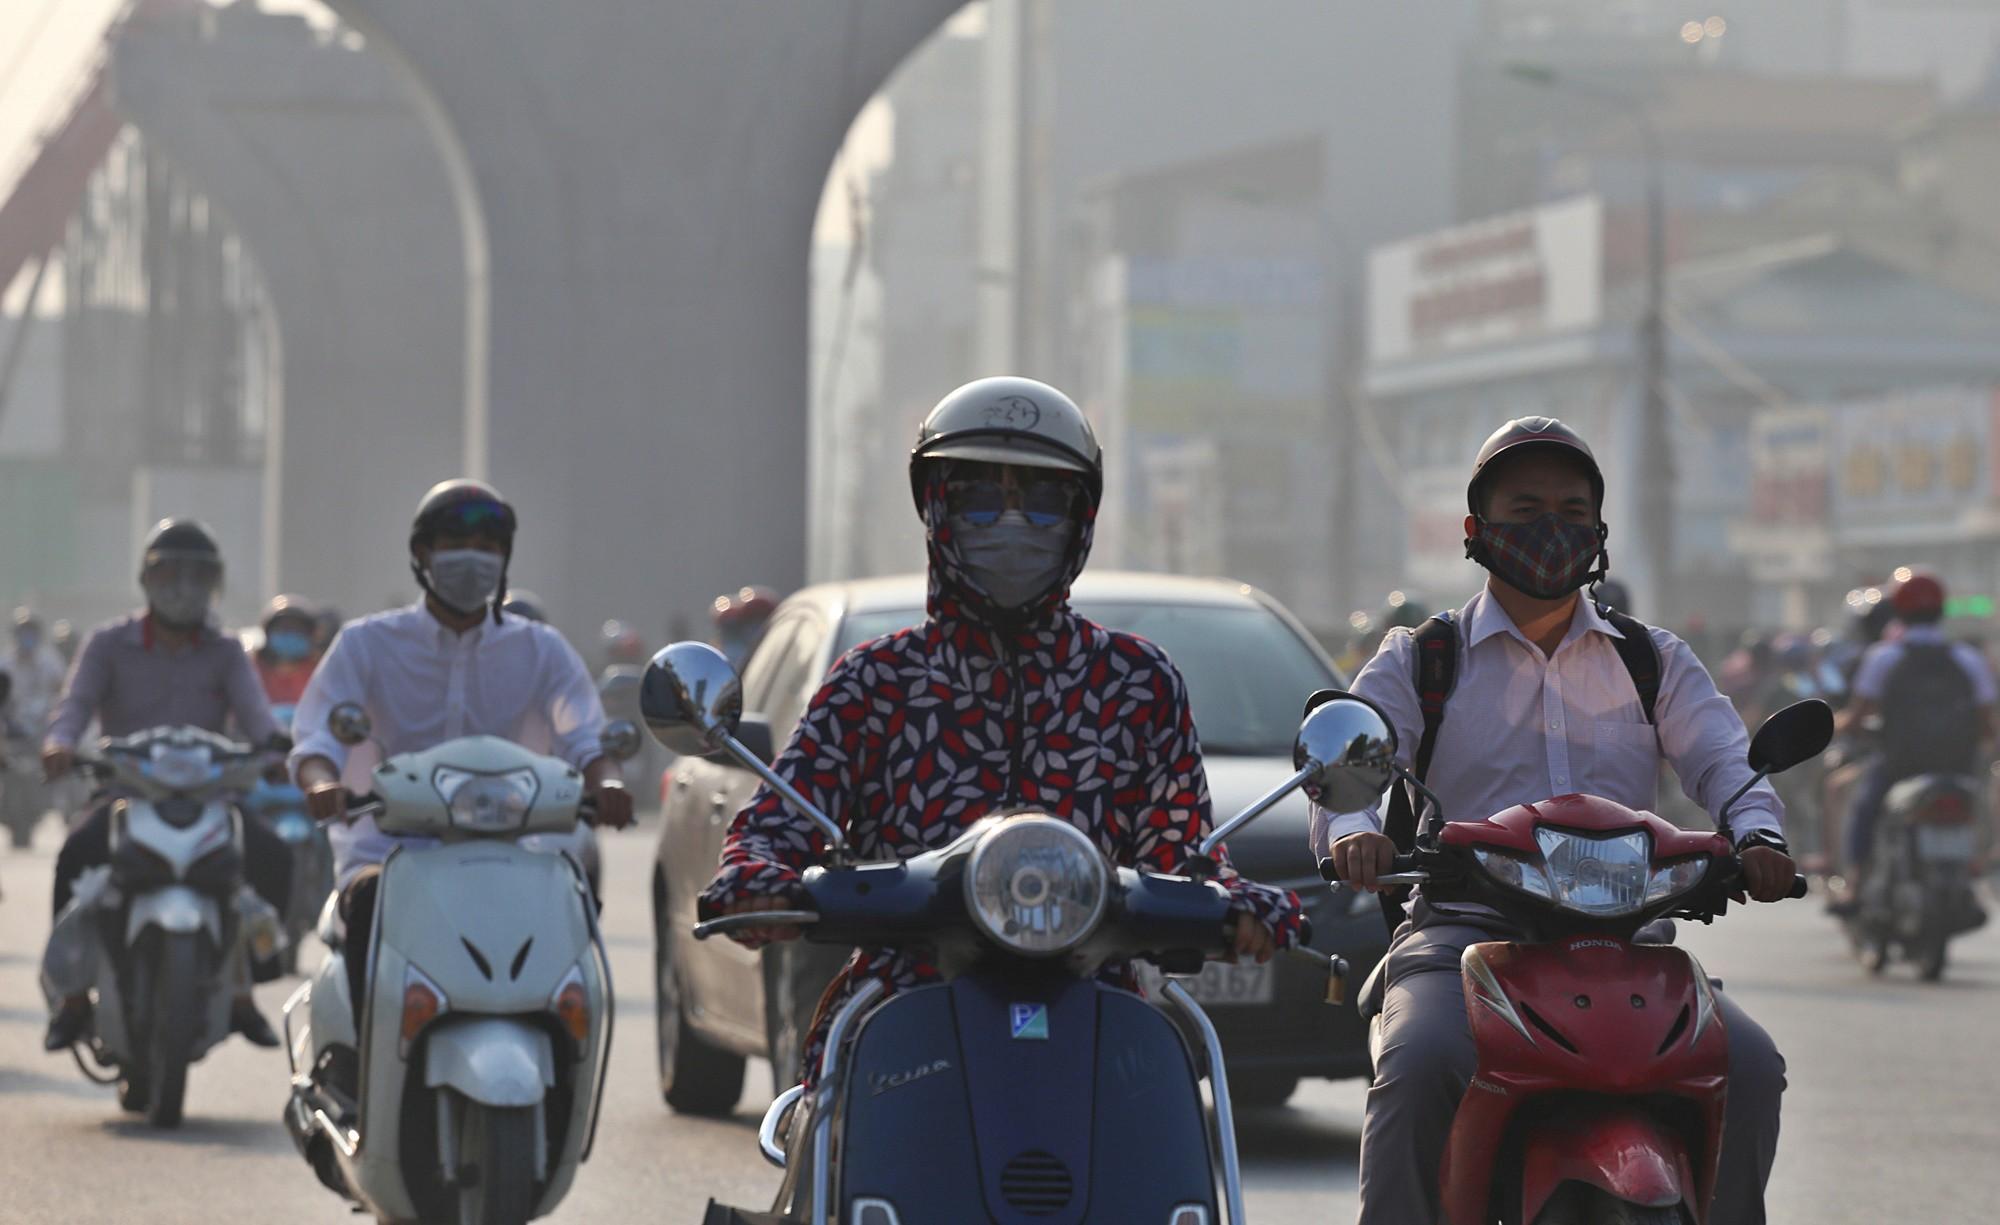 Vì sao sáng nay Hà Nội và TP.HCM vào top 3 thành phố ô nhiễm nhất thế giới?